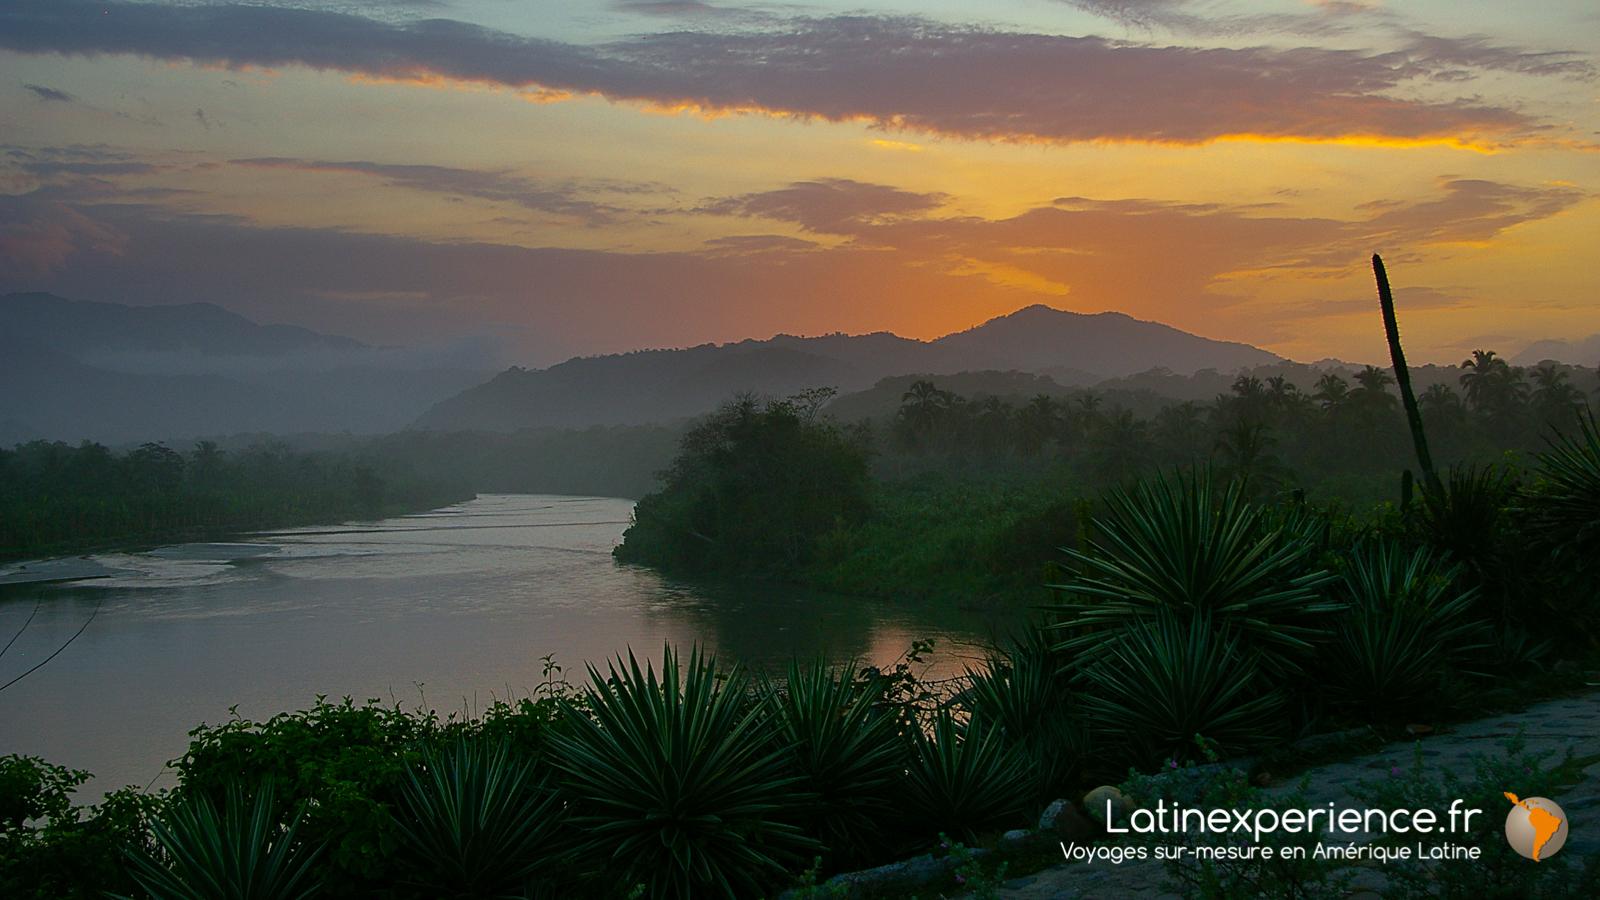 Latinexperience - Colombie - Amazonie